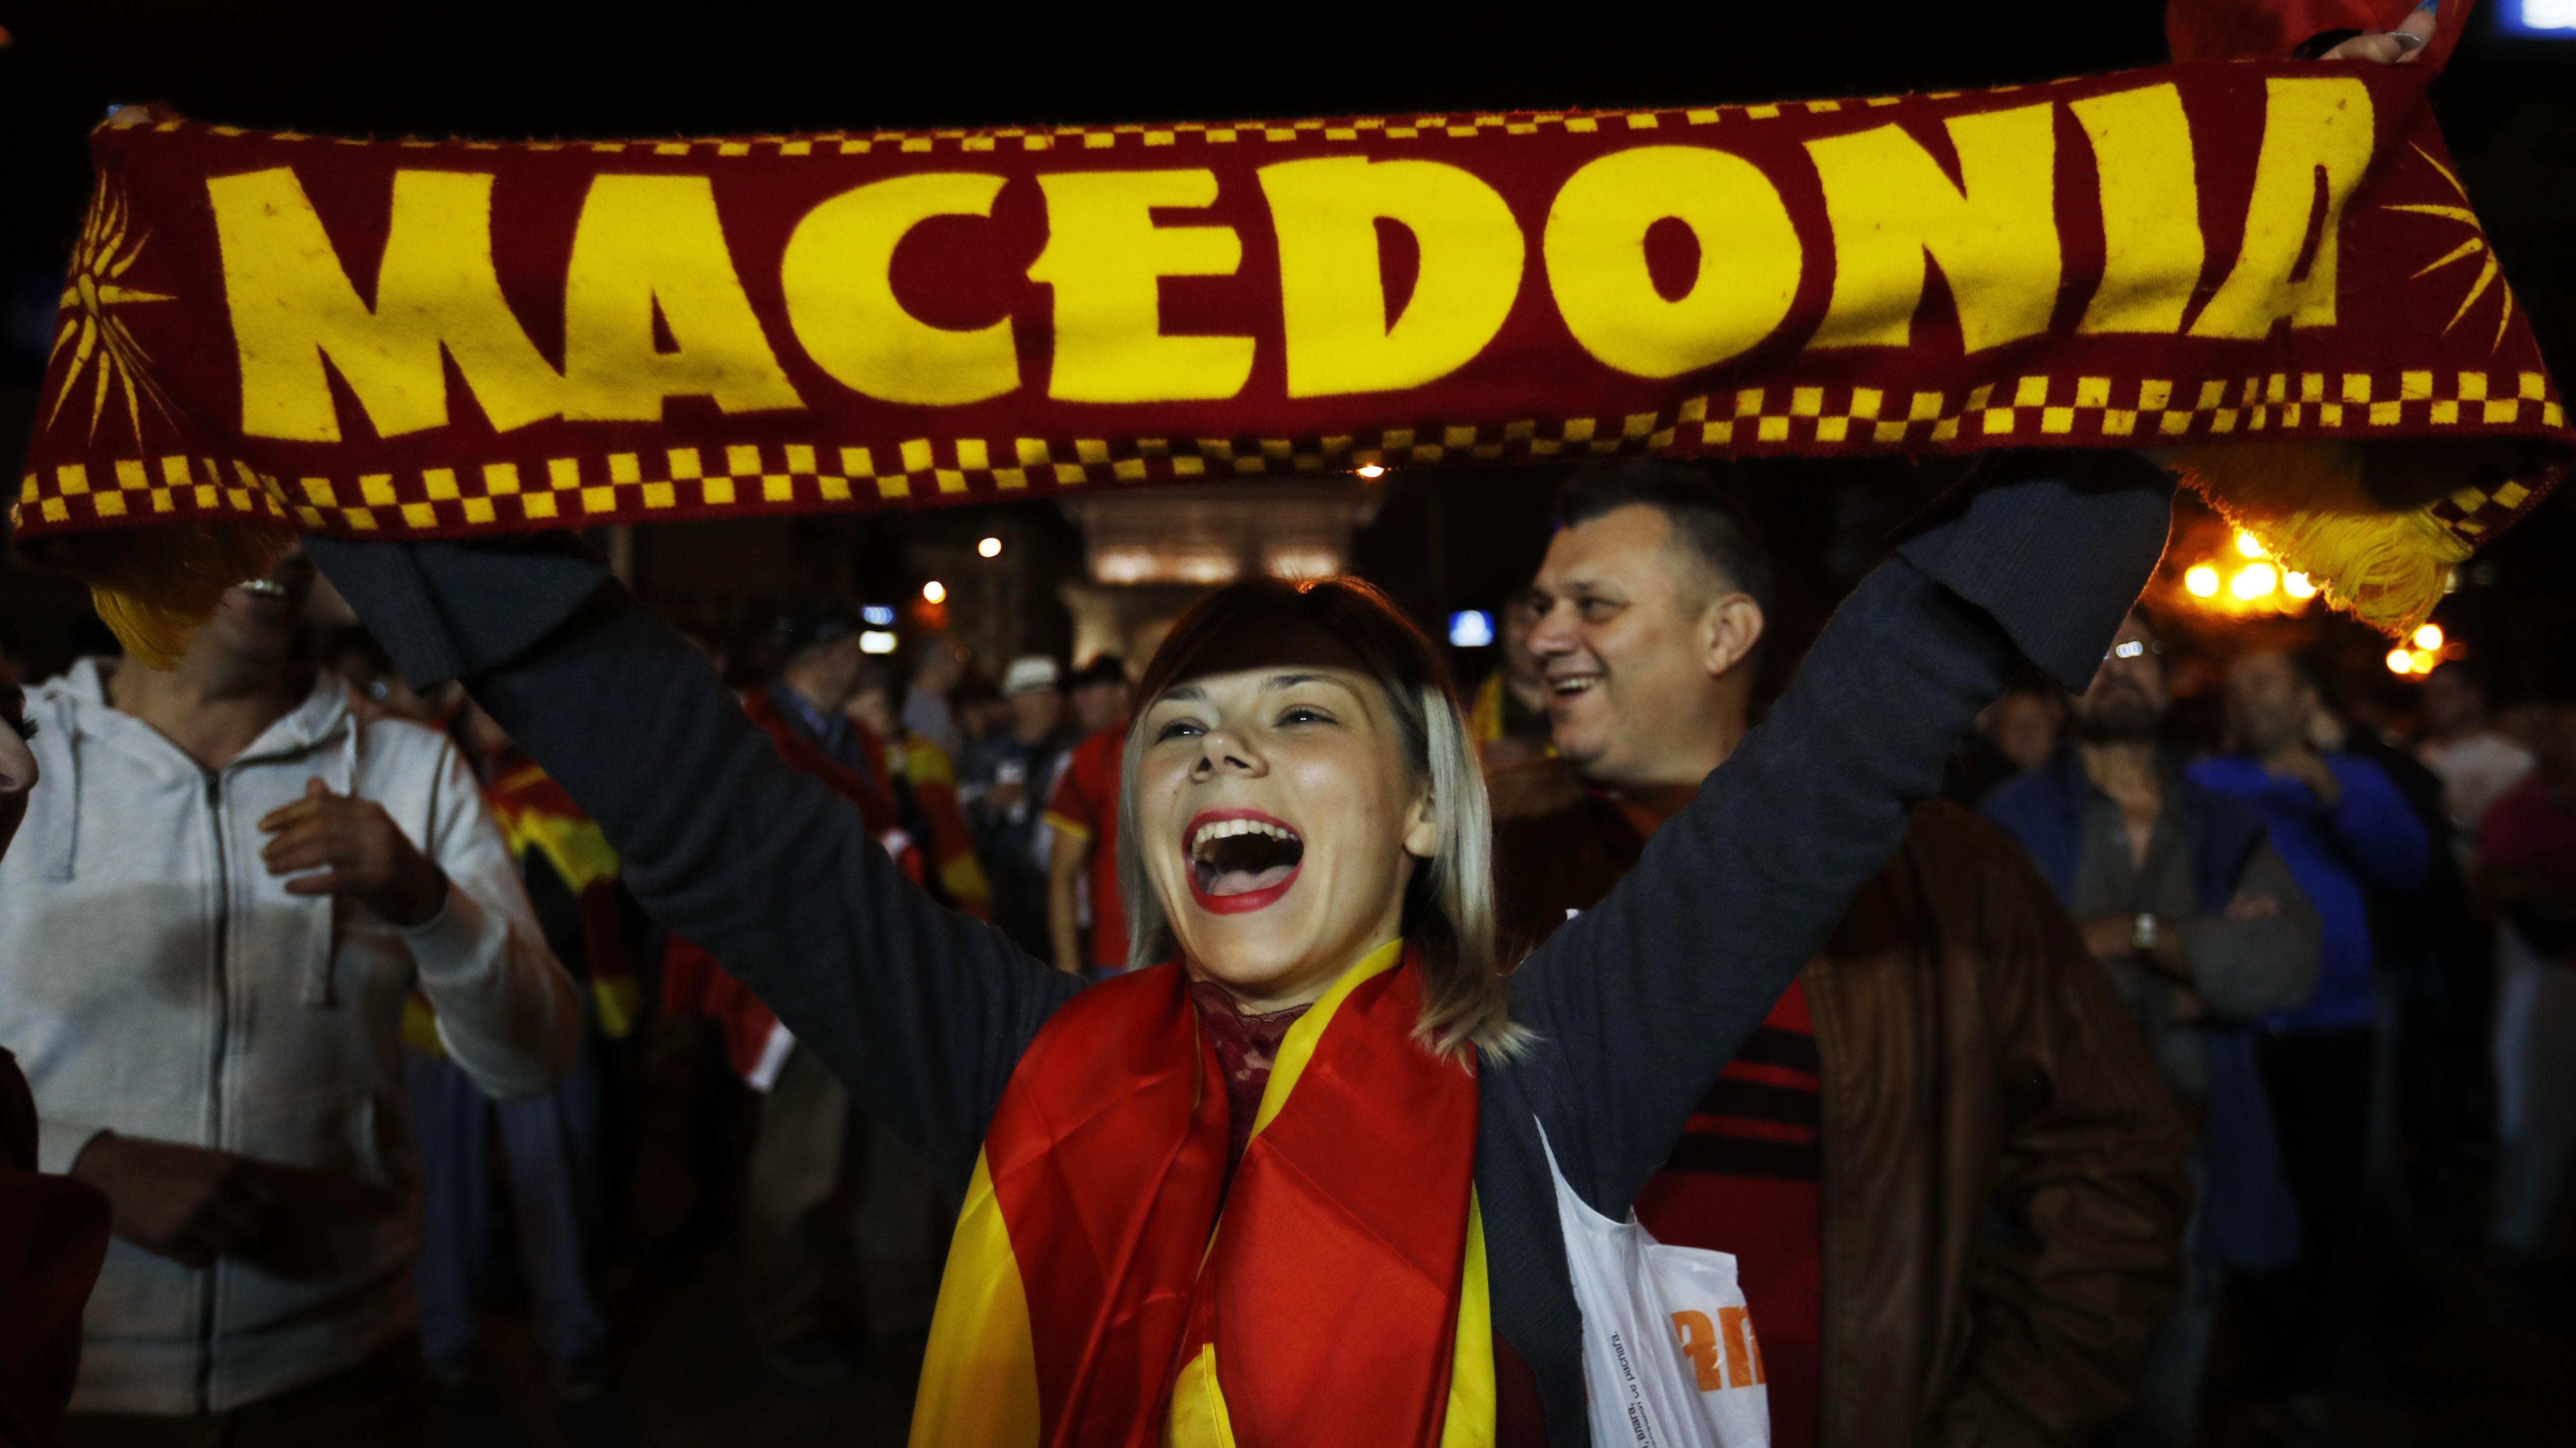 """Eine Frau schwenkt im September 2018 eine Fahne mit der Aufschrift """"Mazedonien"""". Im Zentrum der Wahl steht das emotionale Thema der Namensänderung von """"Mazedonien"""" in """"Nordmazedonien""""."""